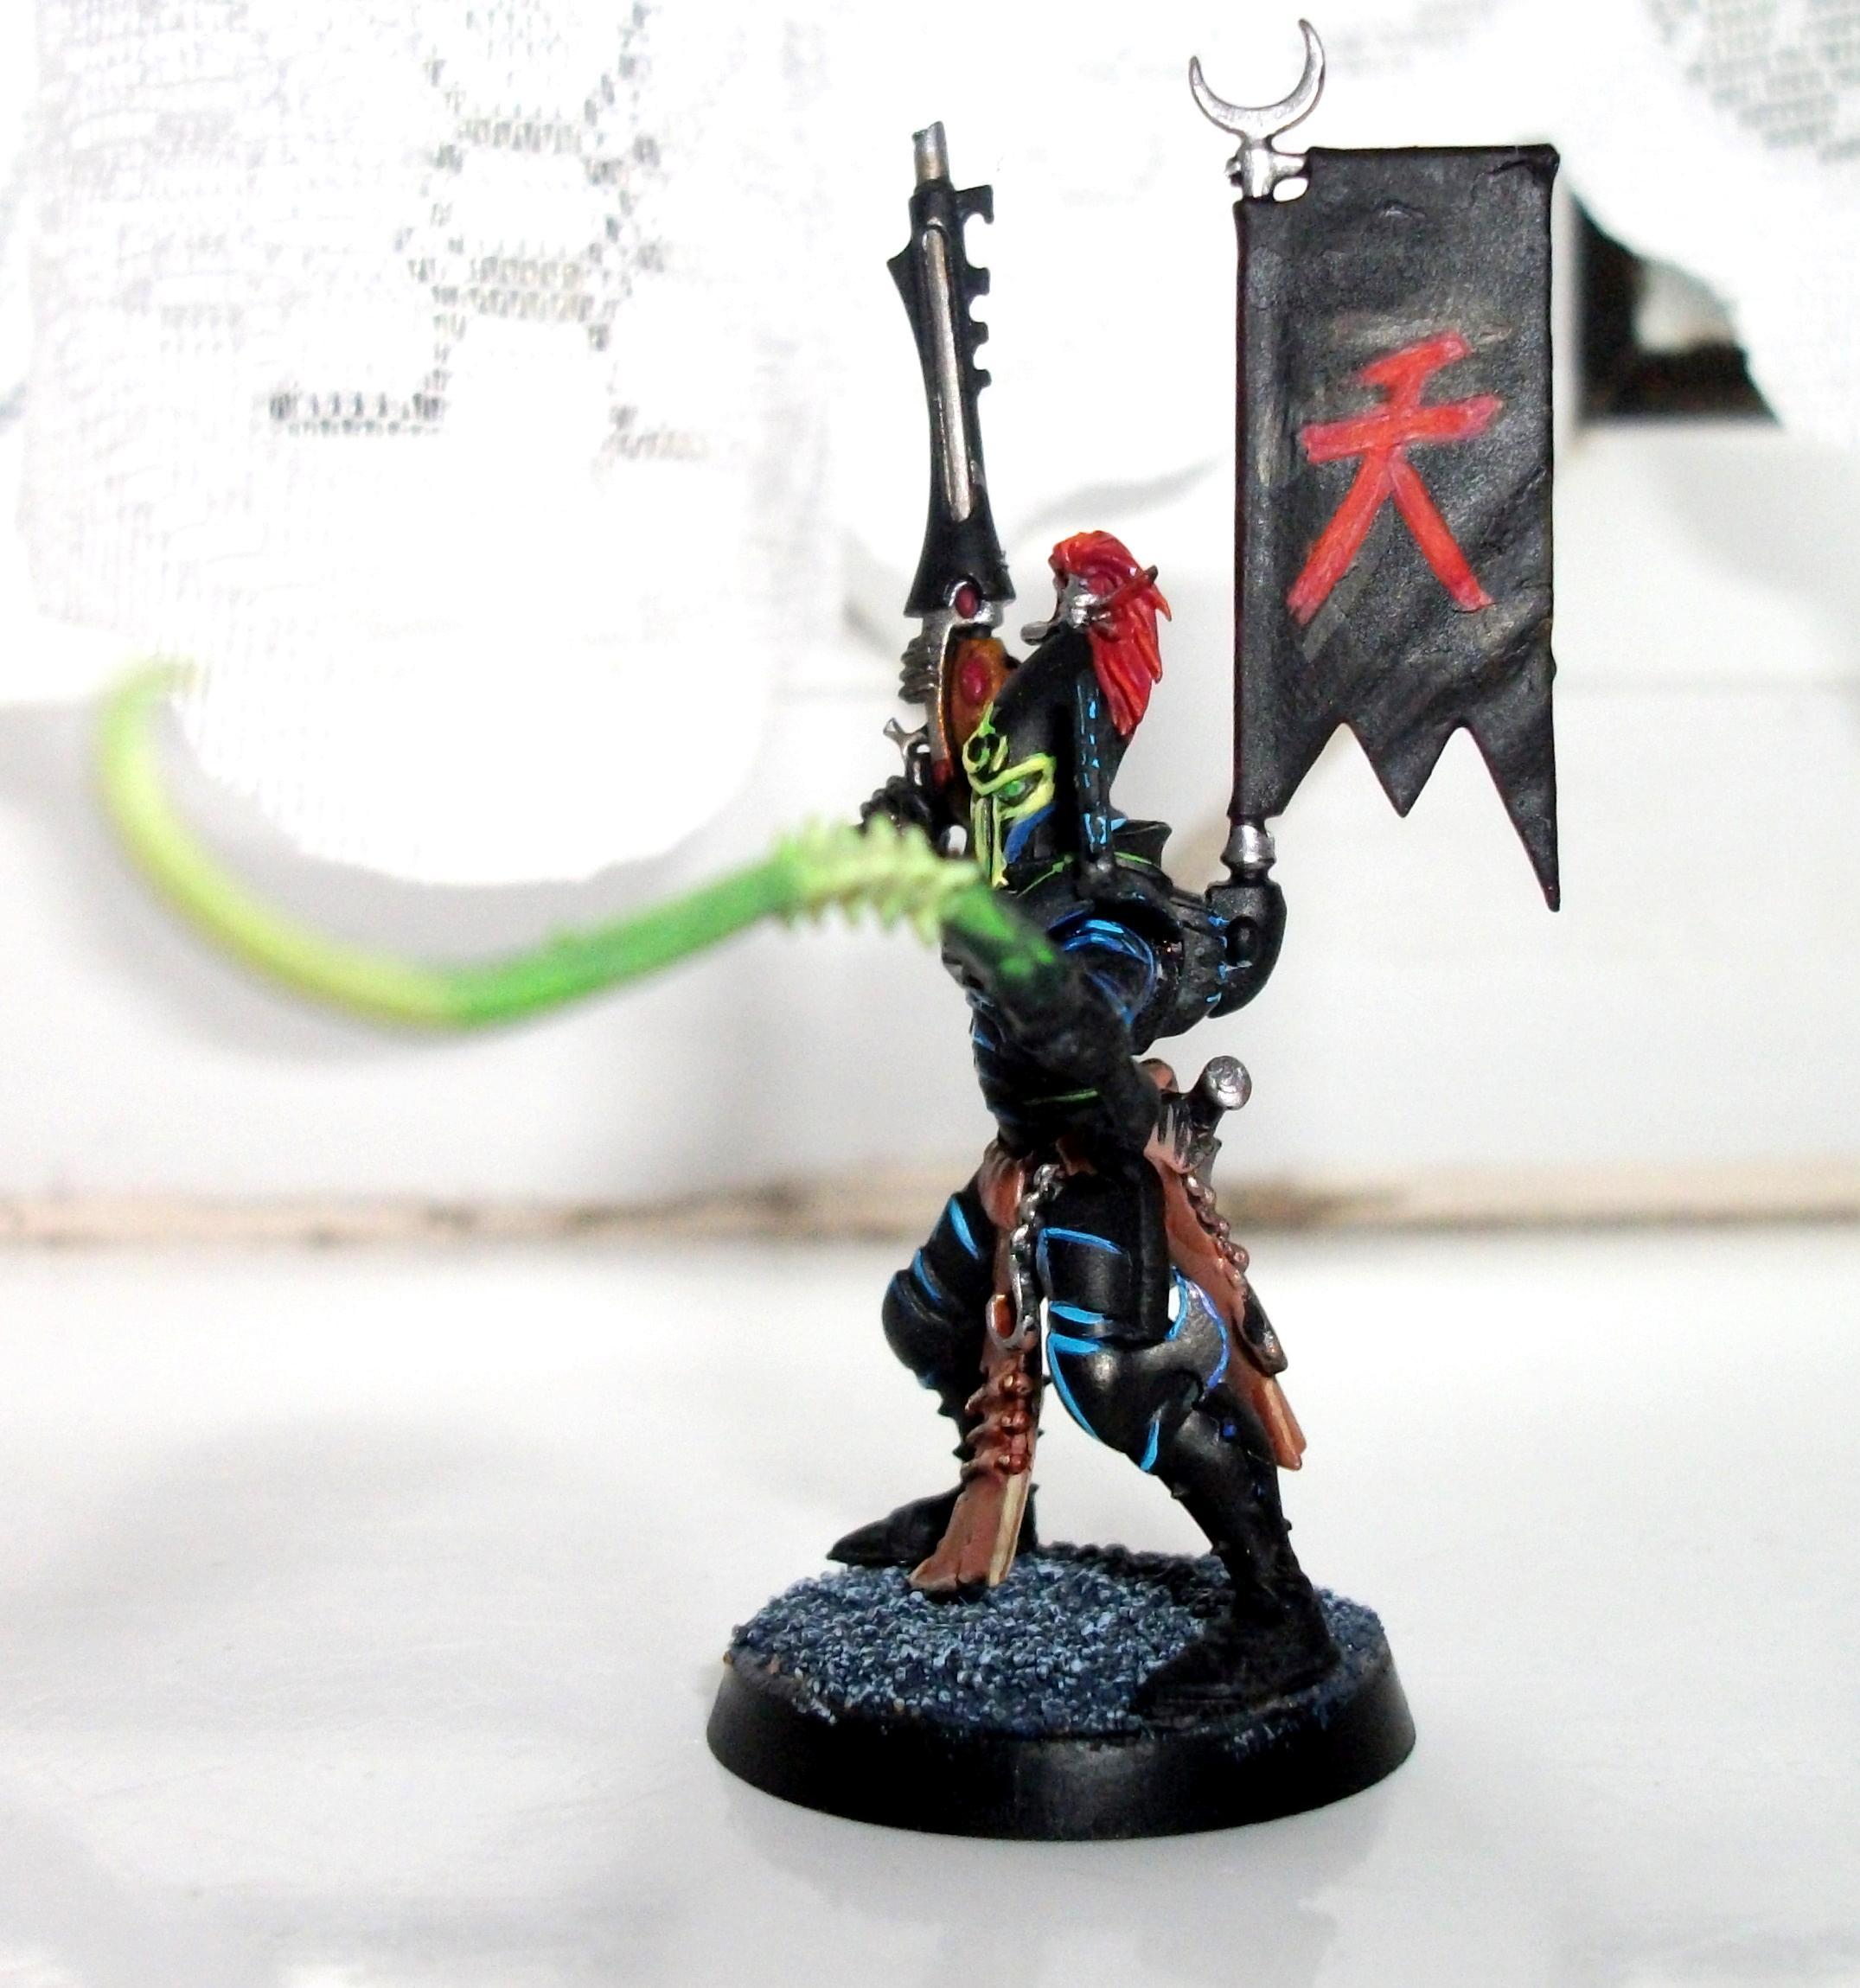 Dark Eldar, kabalite